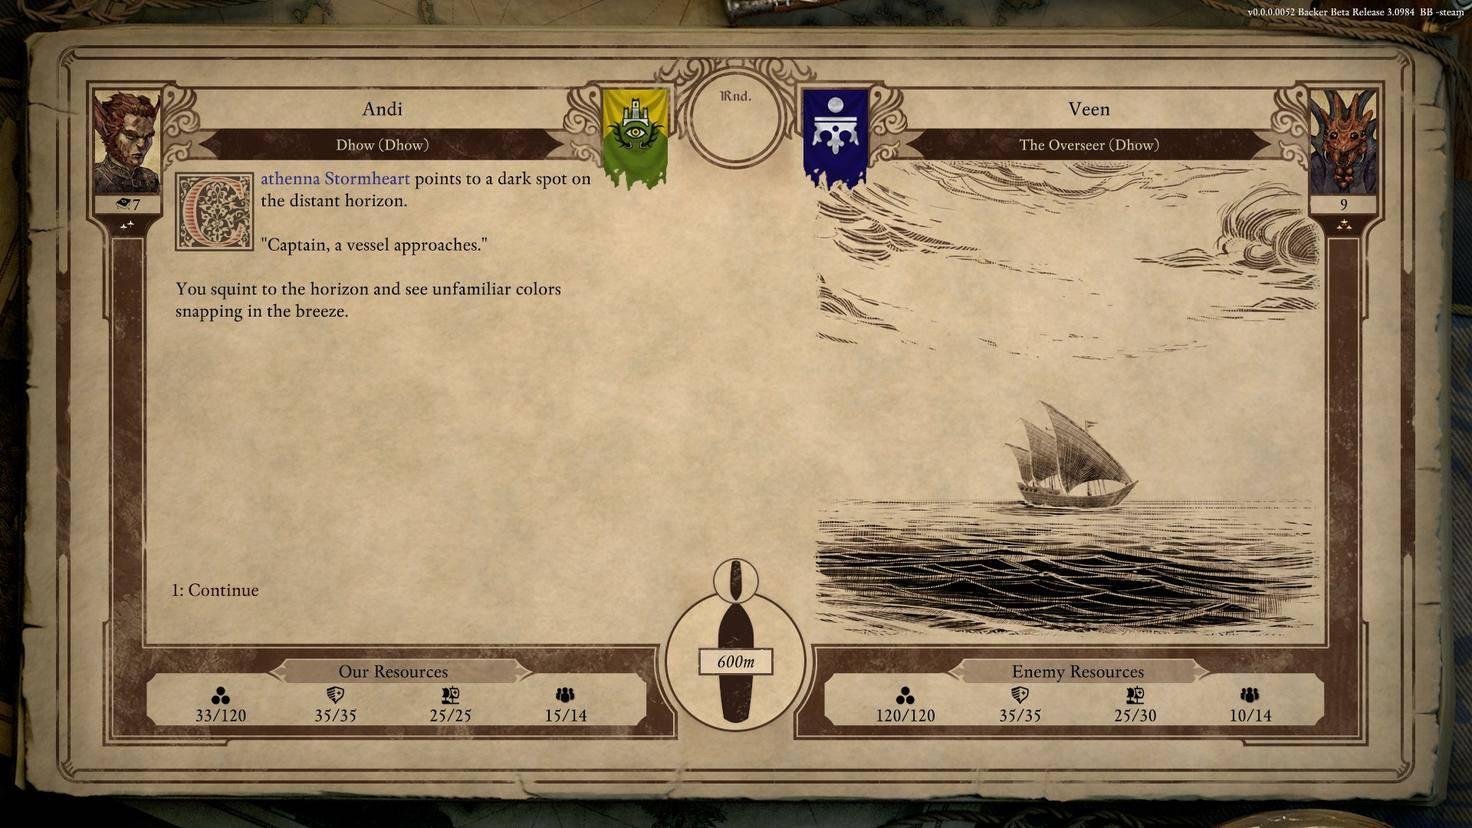 Ein feindliches Schiff nähert sich...